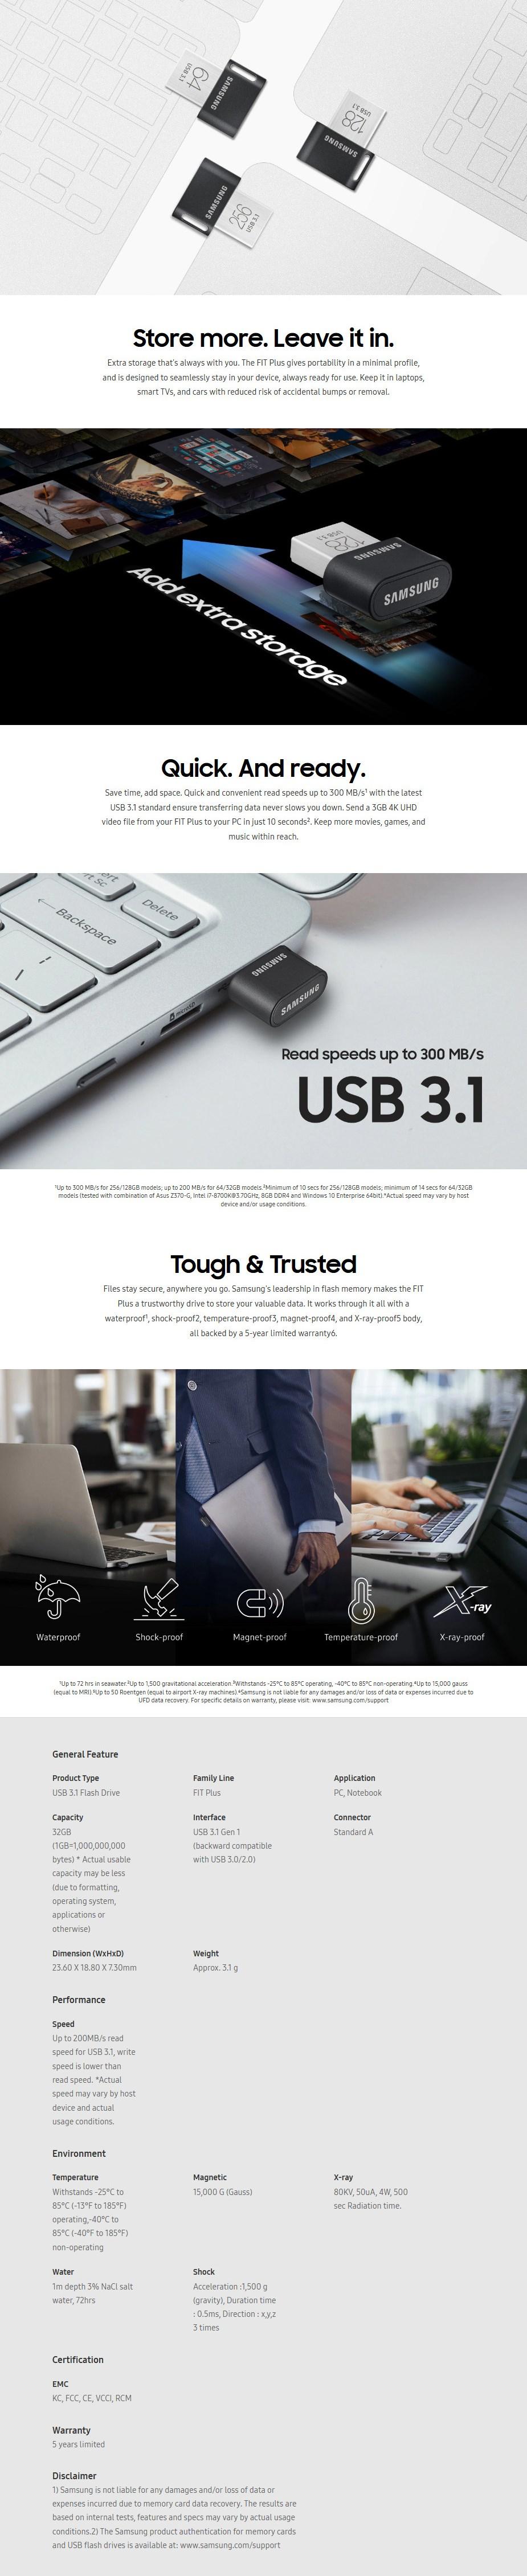 Samsung MUF-32AB/APC 32GB USB 3.0 FIT Plus Flash Drive - Overview 1